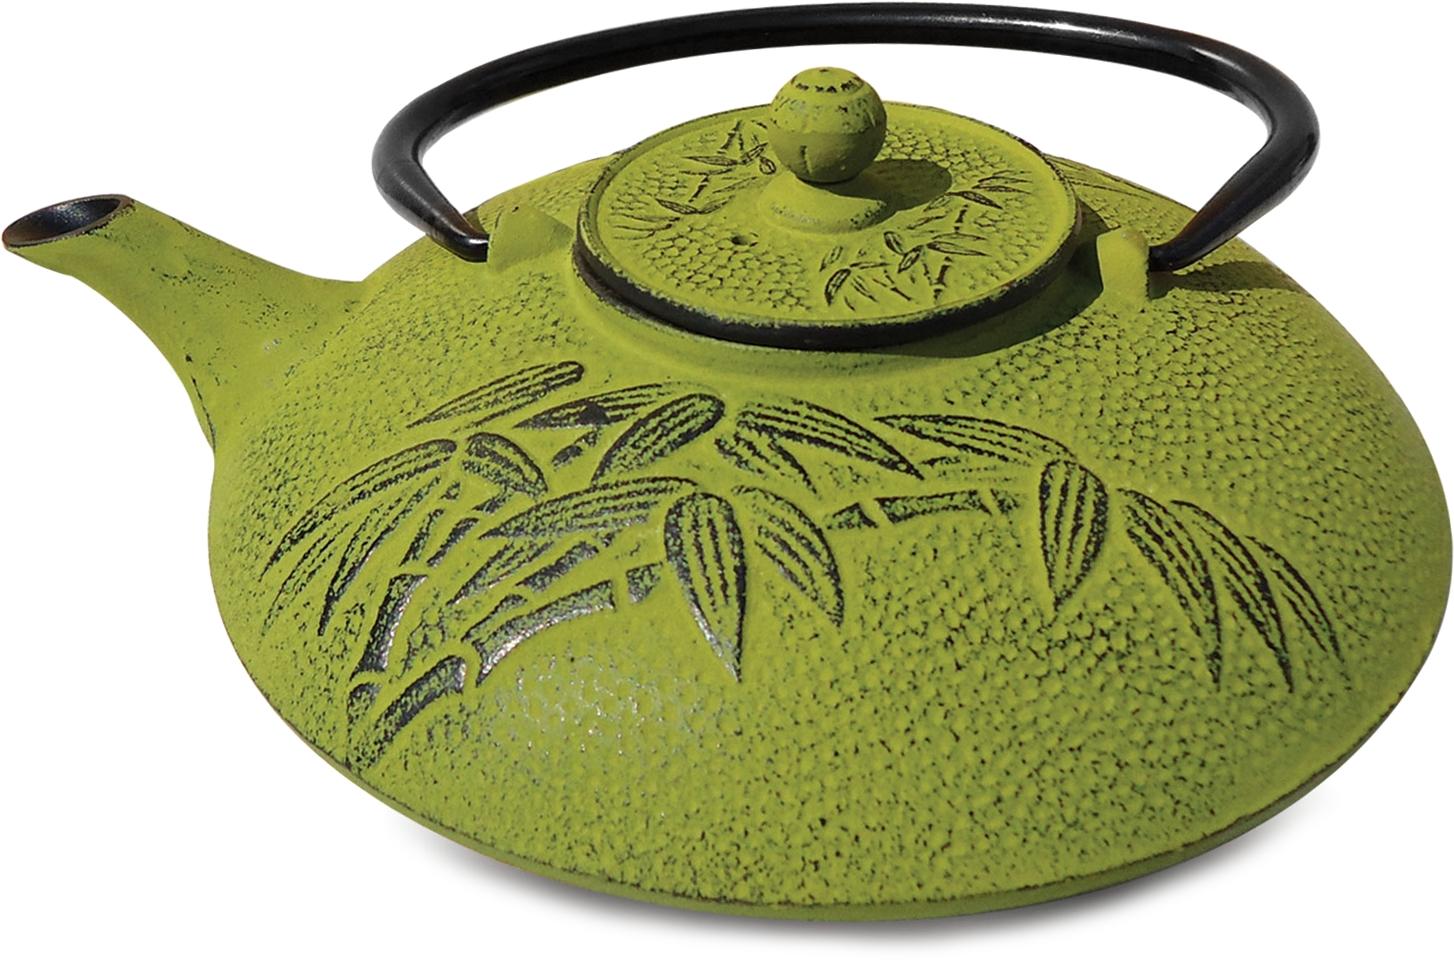 Old Dutch Positivity Bamboo Moss Green Cast Iron Teapot